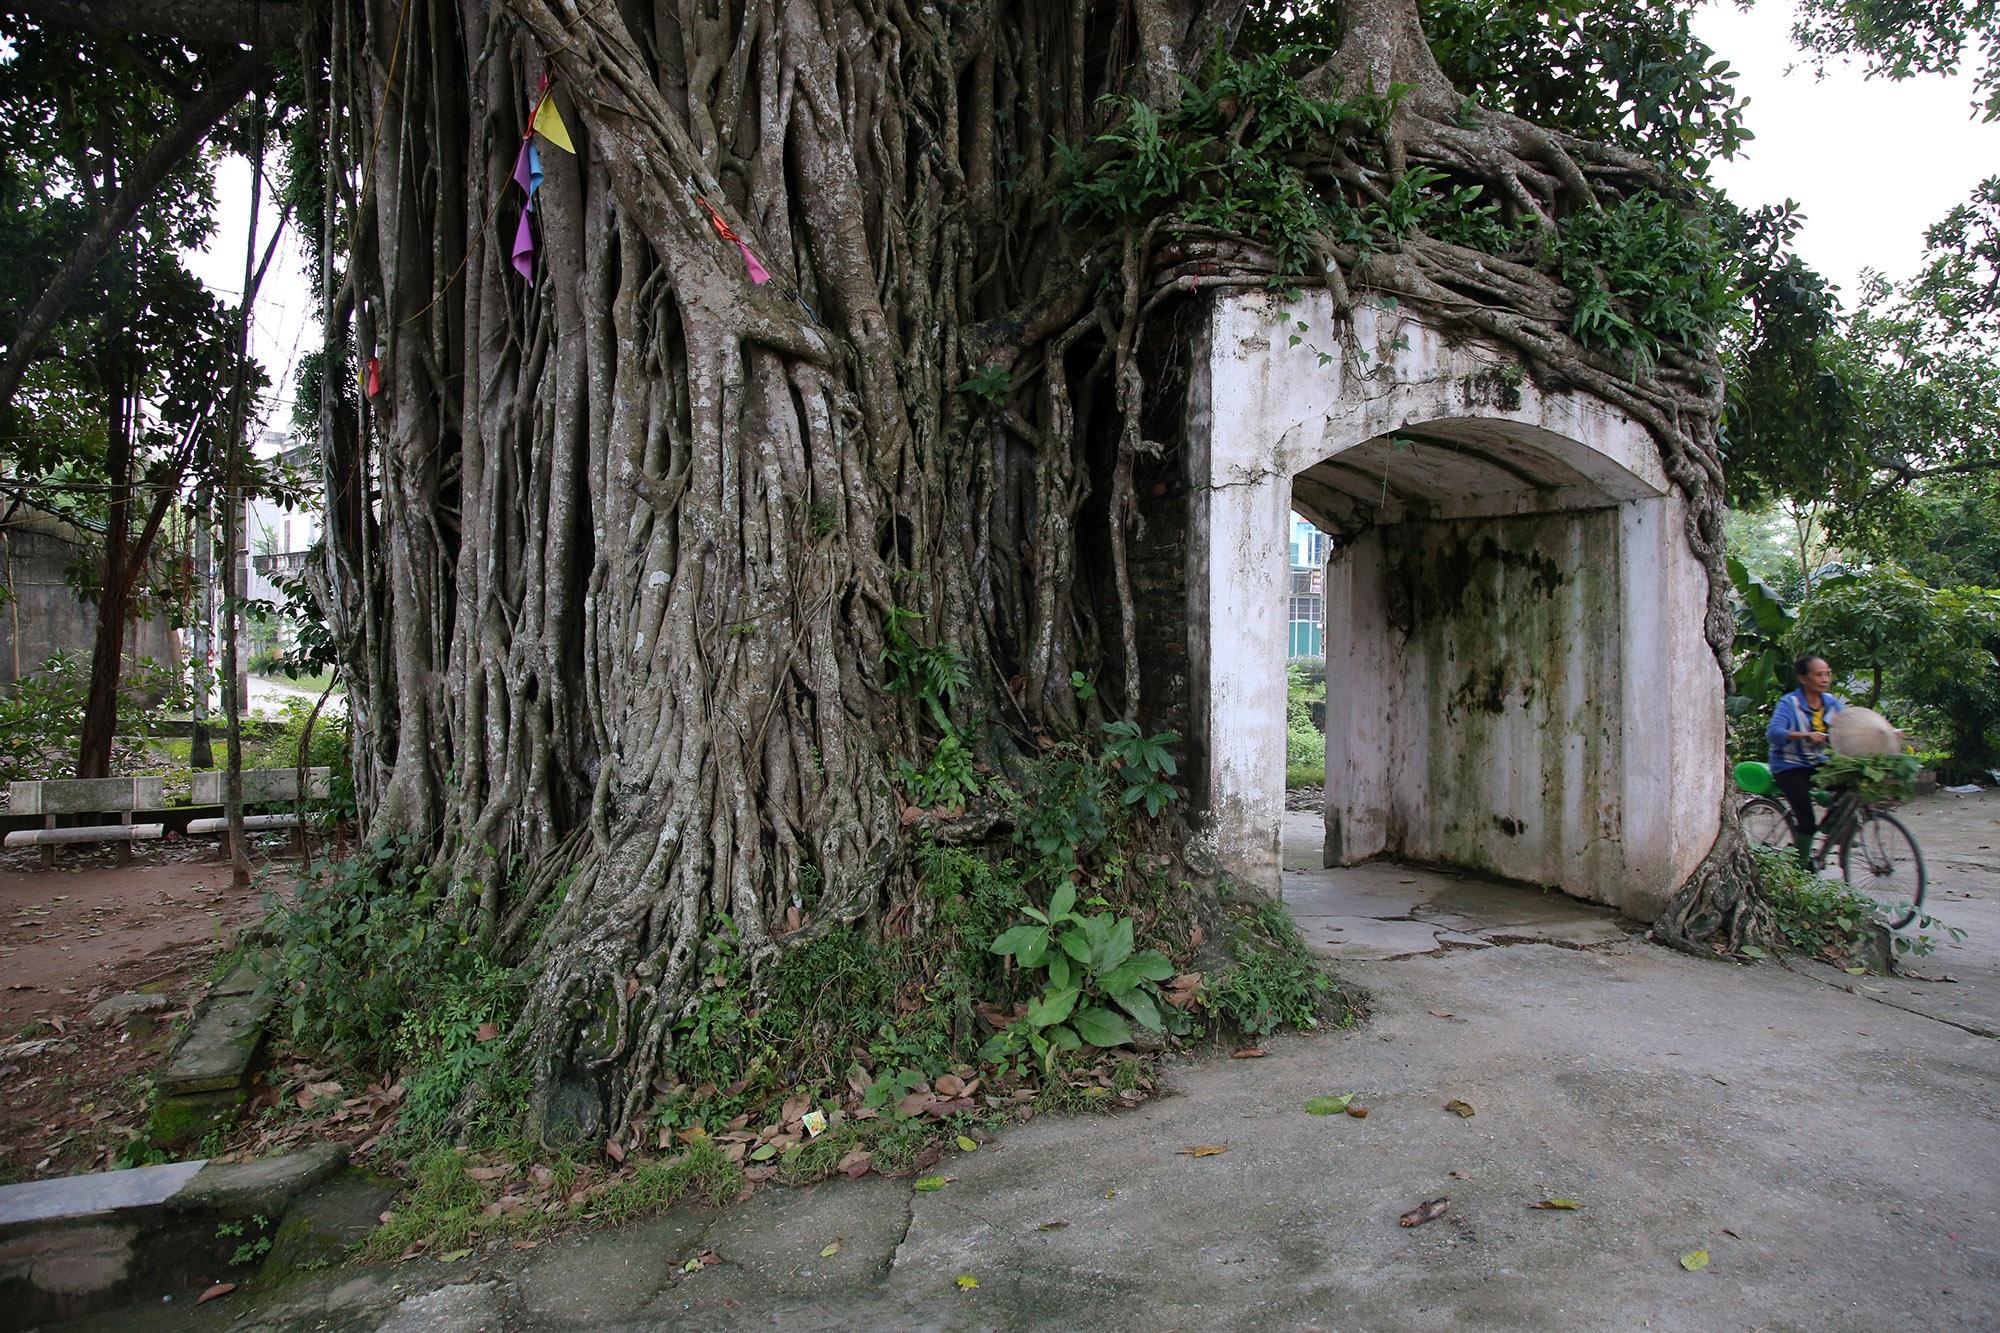 Lạc bước qua những kiệt tác cổng làng từ rễ cây độc đáo tại Bắc bộ - 2